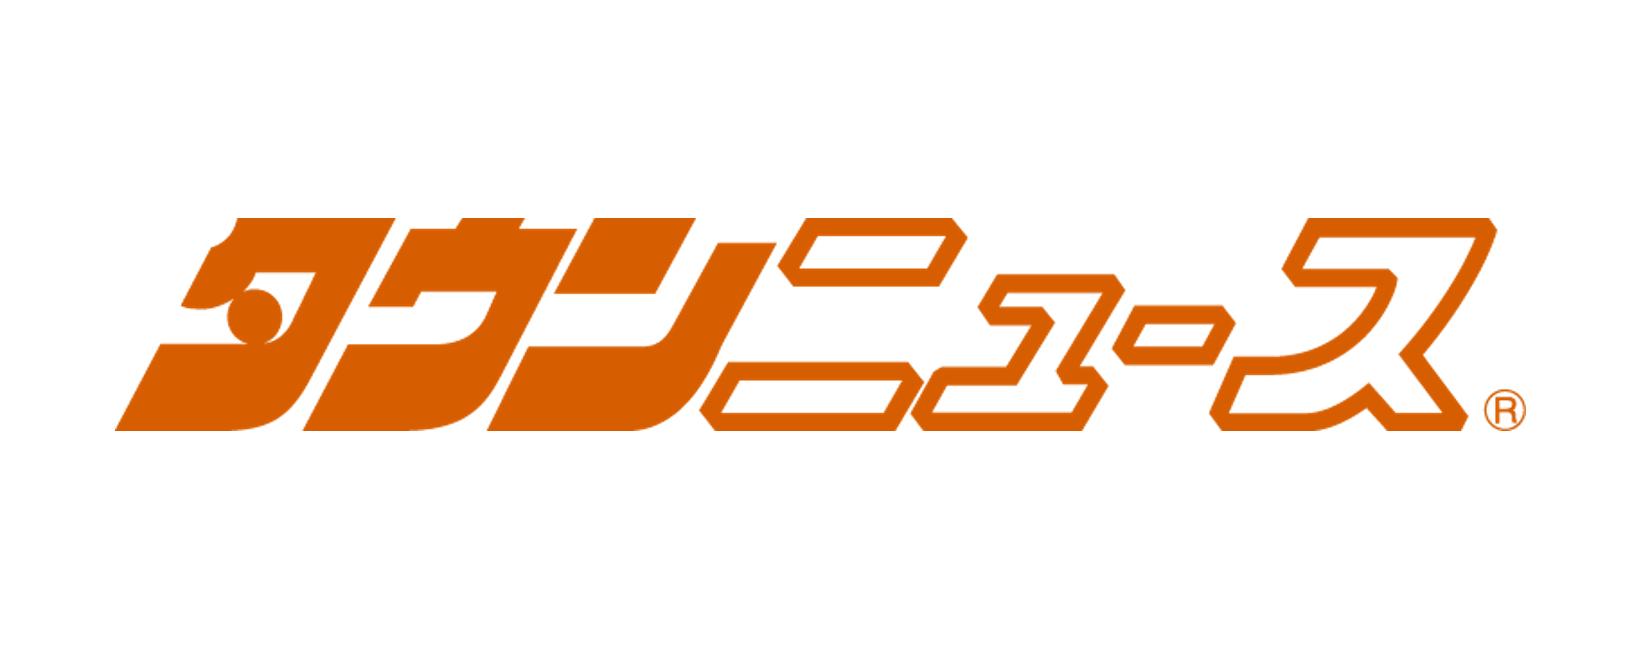 【いのちのコラム】平成30年度第4回掲載のお知らせ